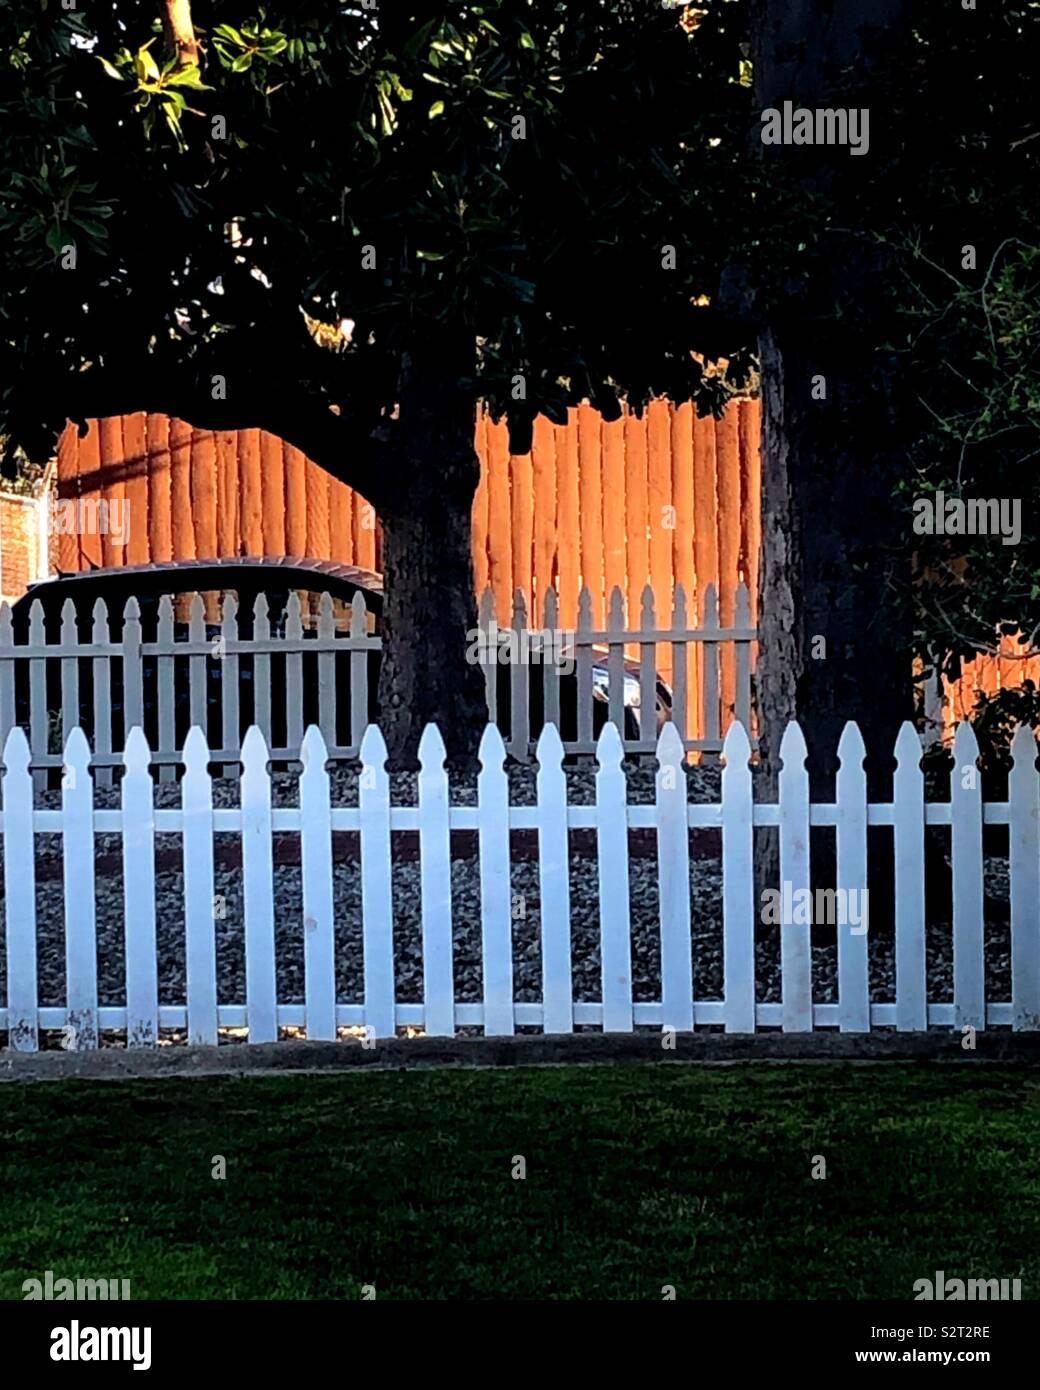 Une soirée tranquille coucher du soleil se reflète sur une clôture derrière une clôture blanche. C'est la vie en banlieue à son meilleur. Photo Stock